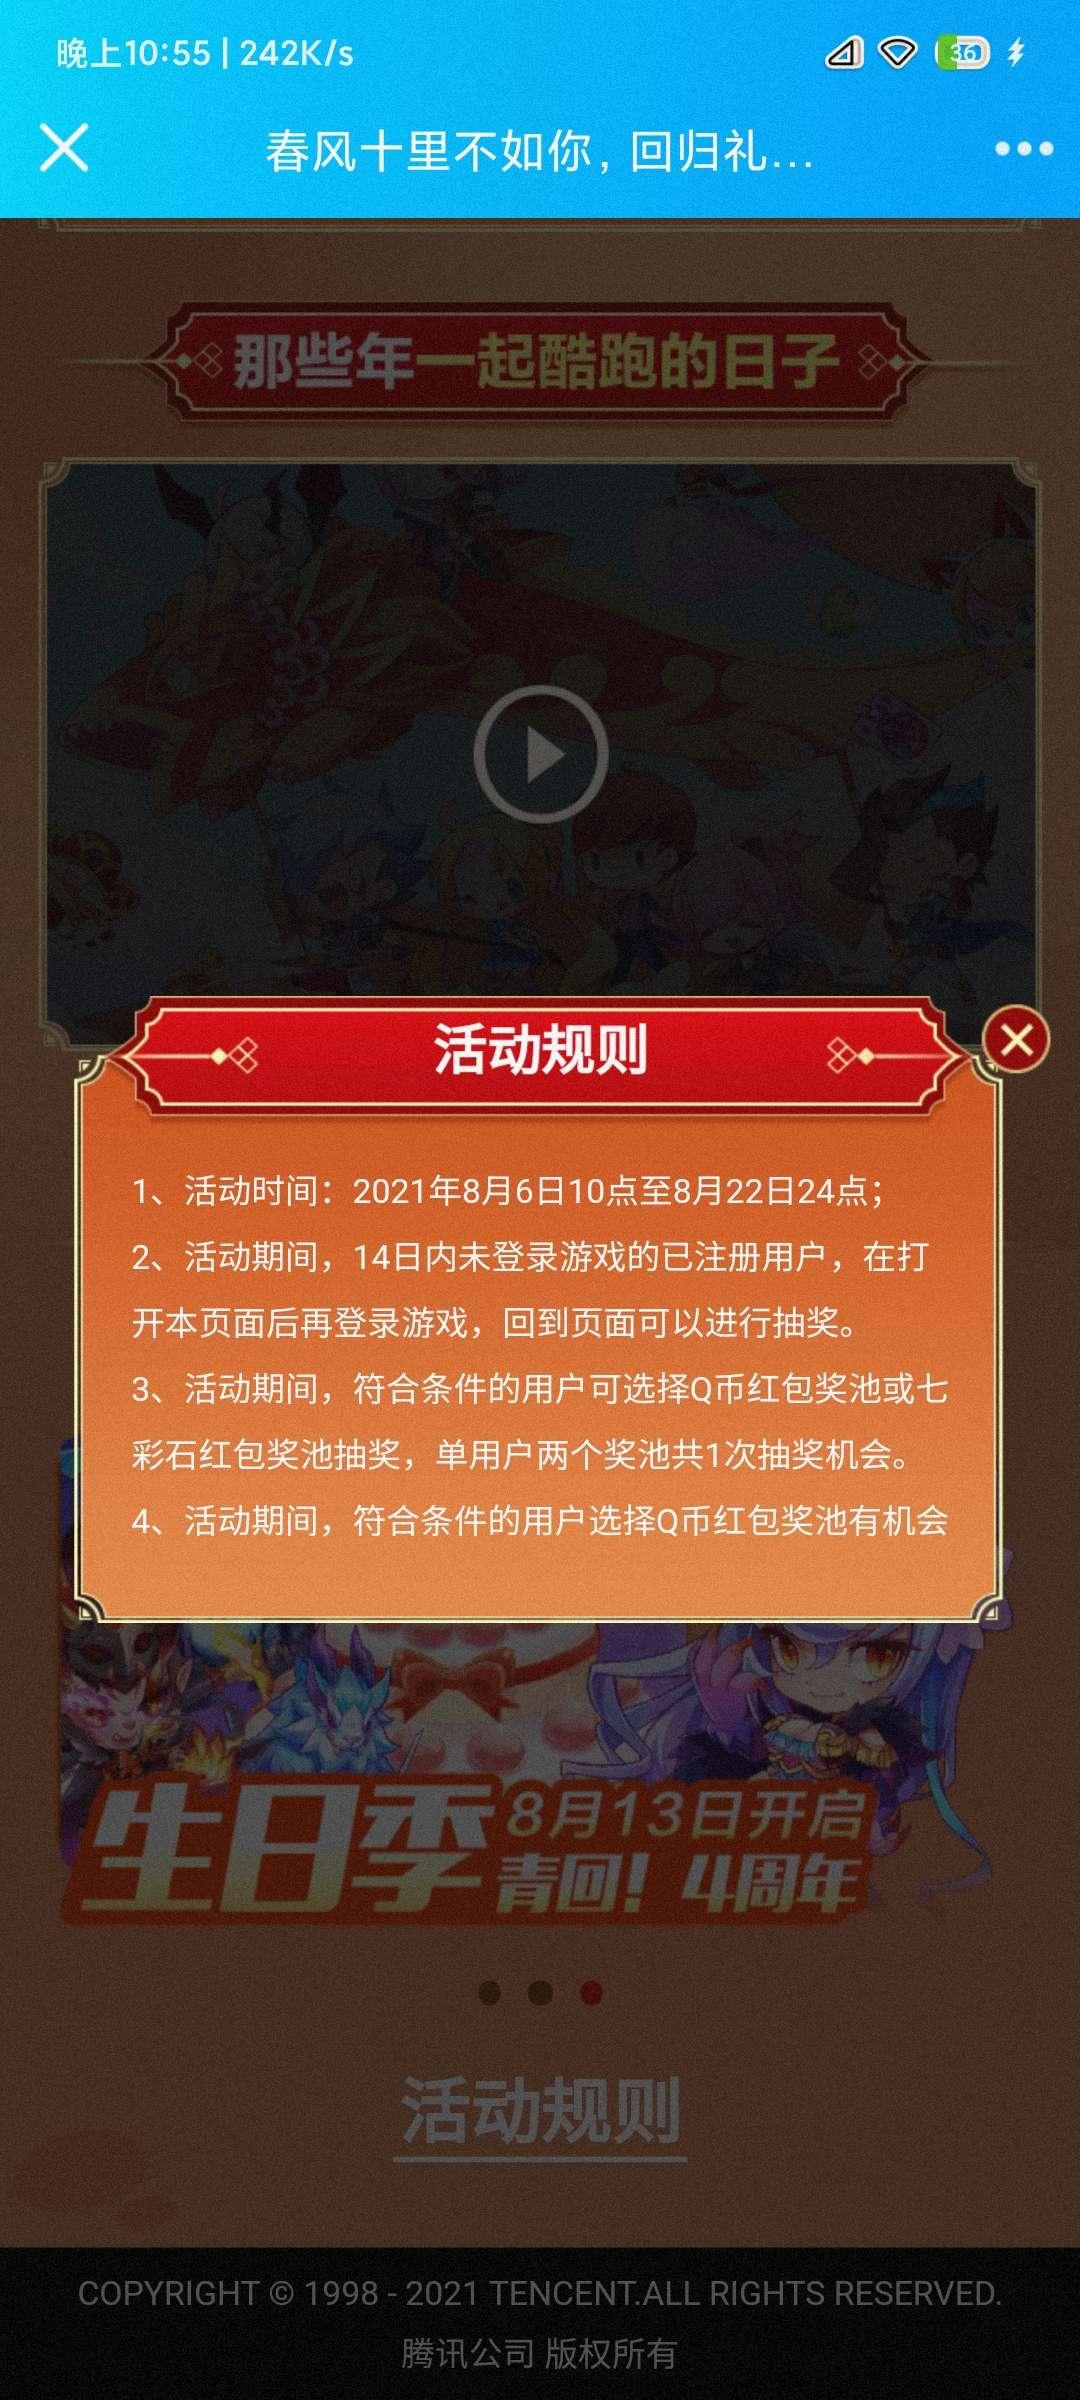 【虚拟商品】天天酷跑3d登陆抽Q币插图1